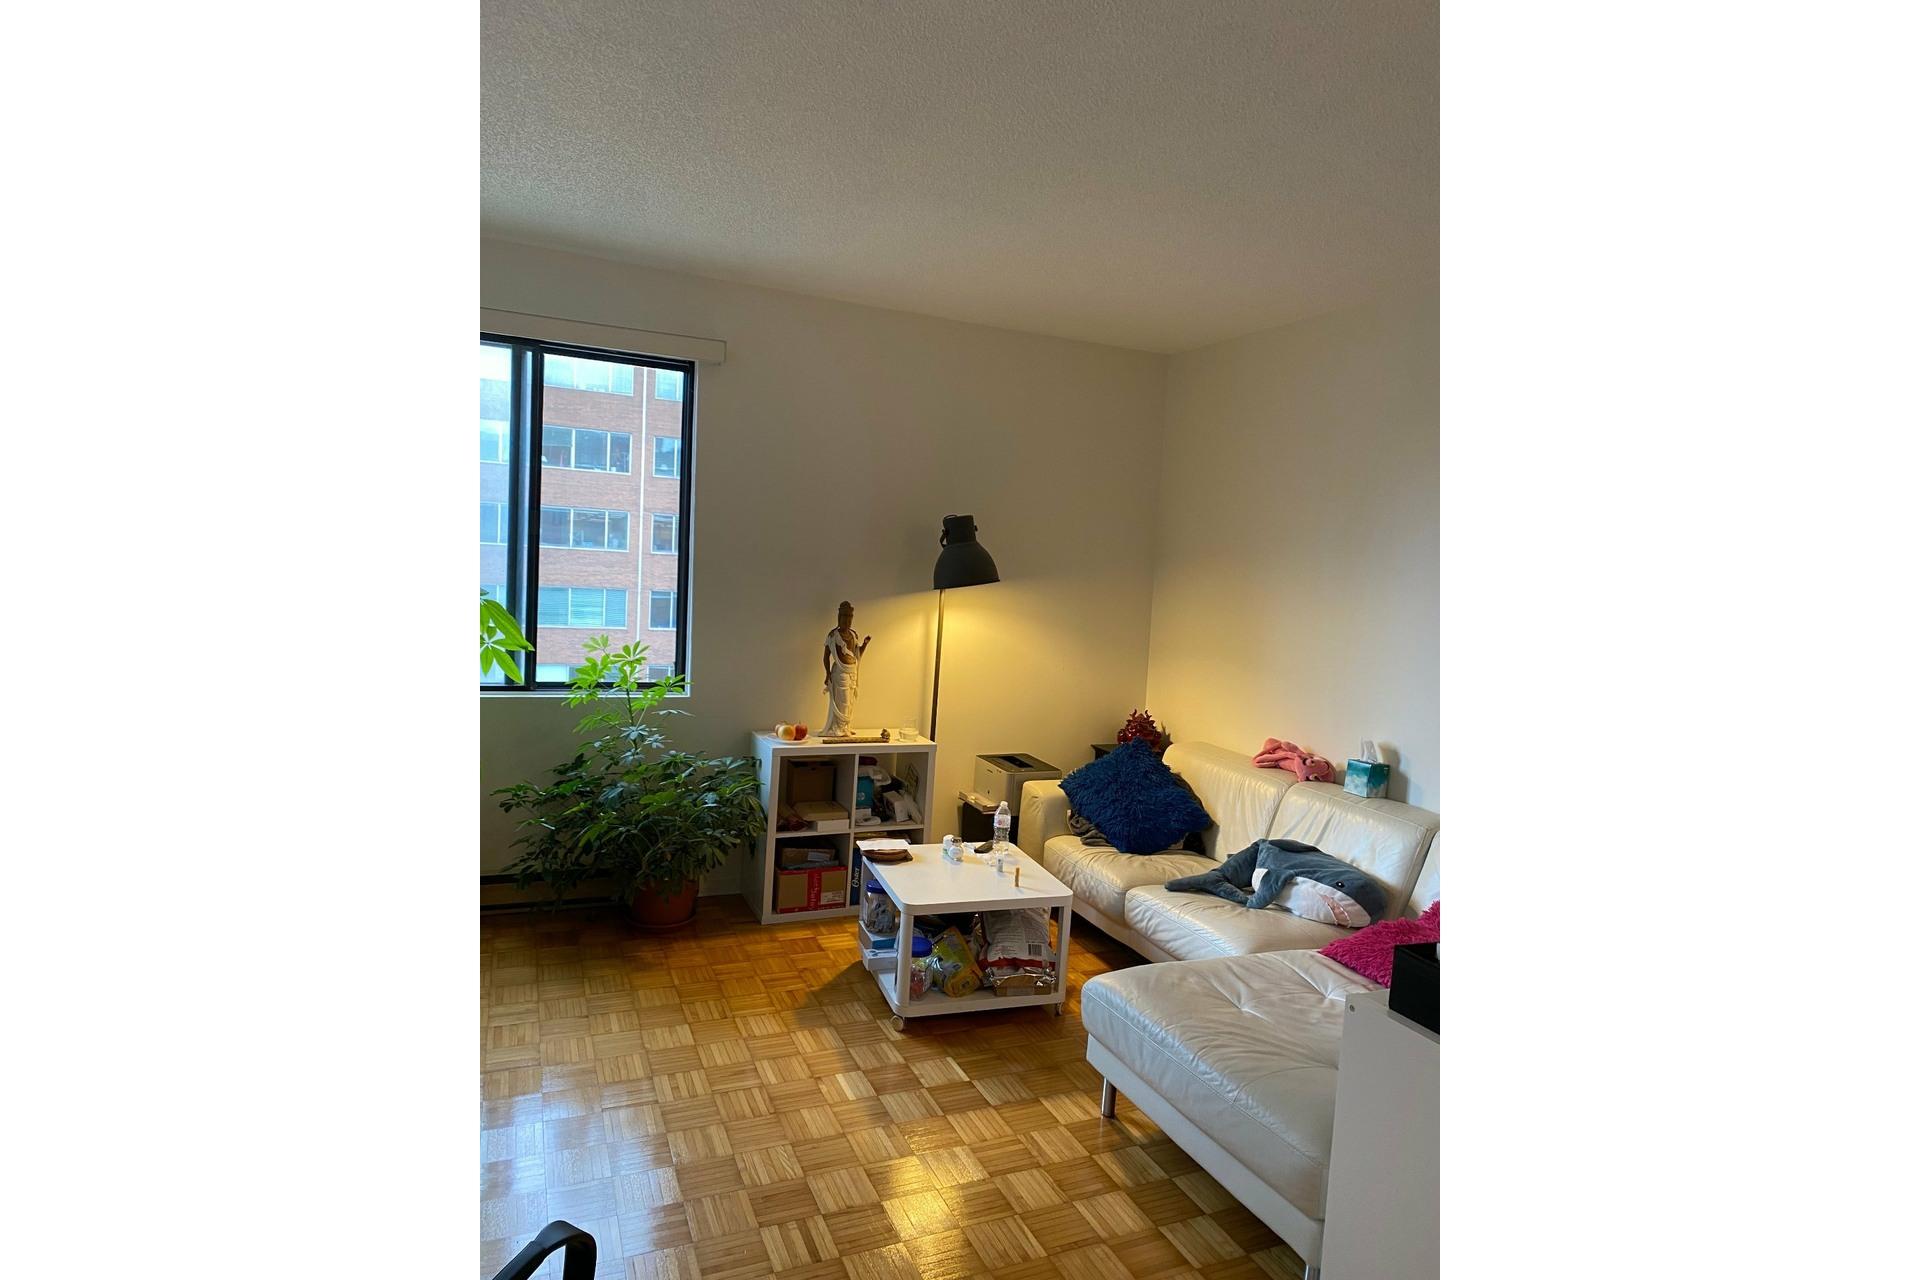 image 5 - Apartment For rent Ville-Marie Montréal  - 6 rooms